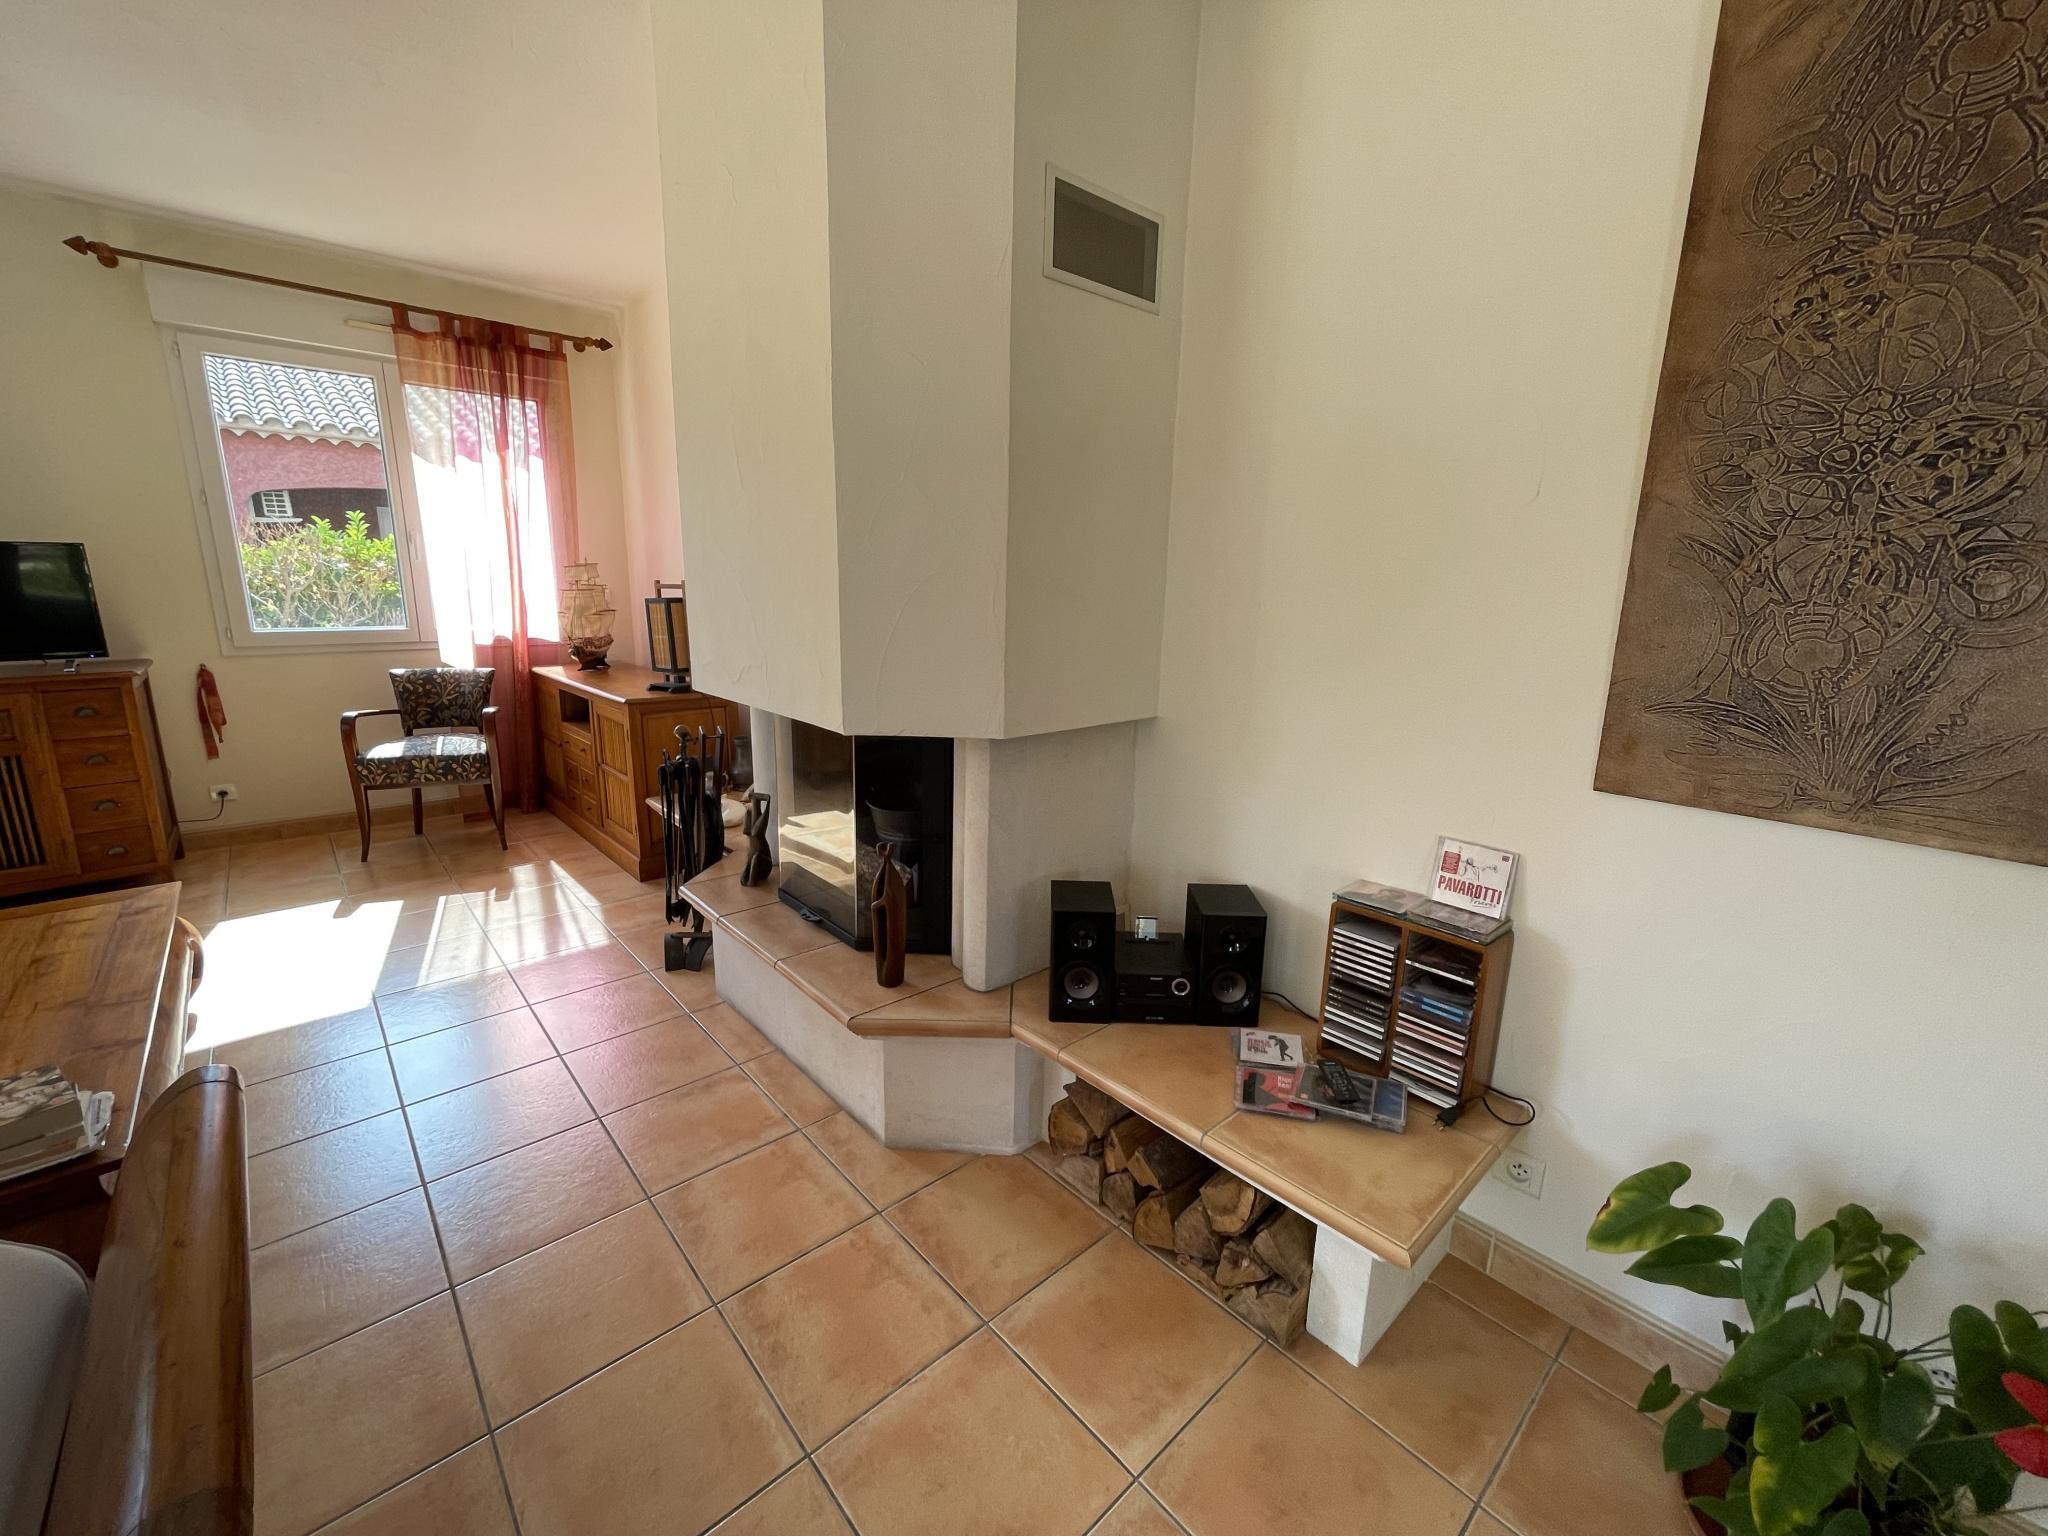 À vendre maison/villa de 124m2 à argeles sur mer (66700) - Photo 7'